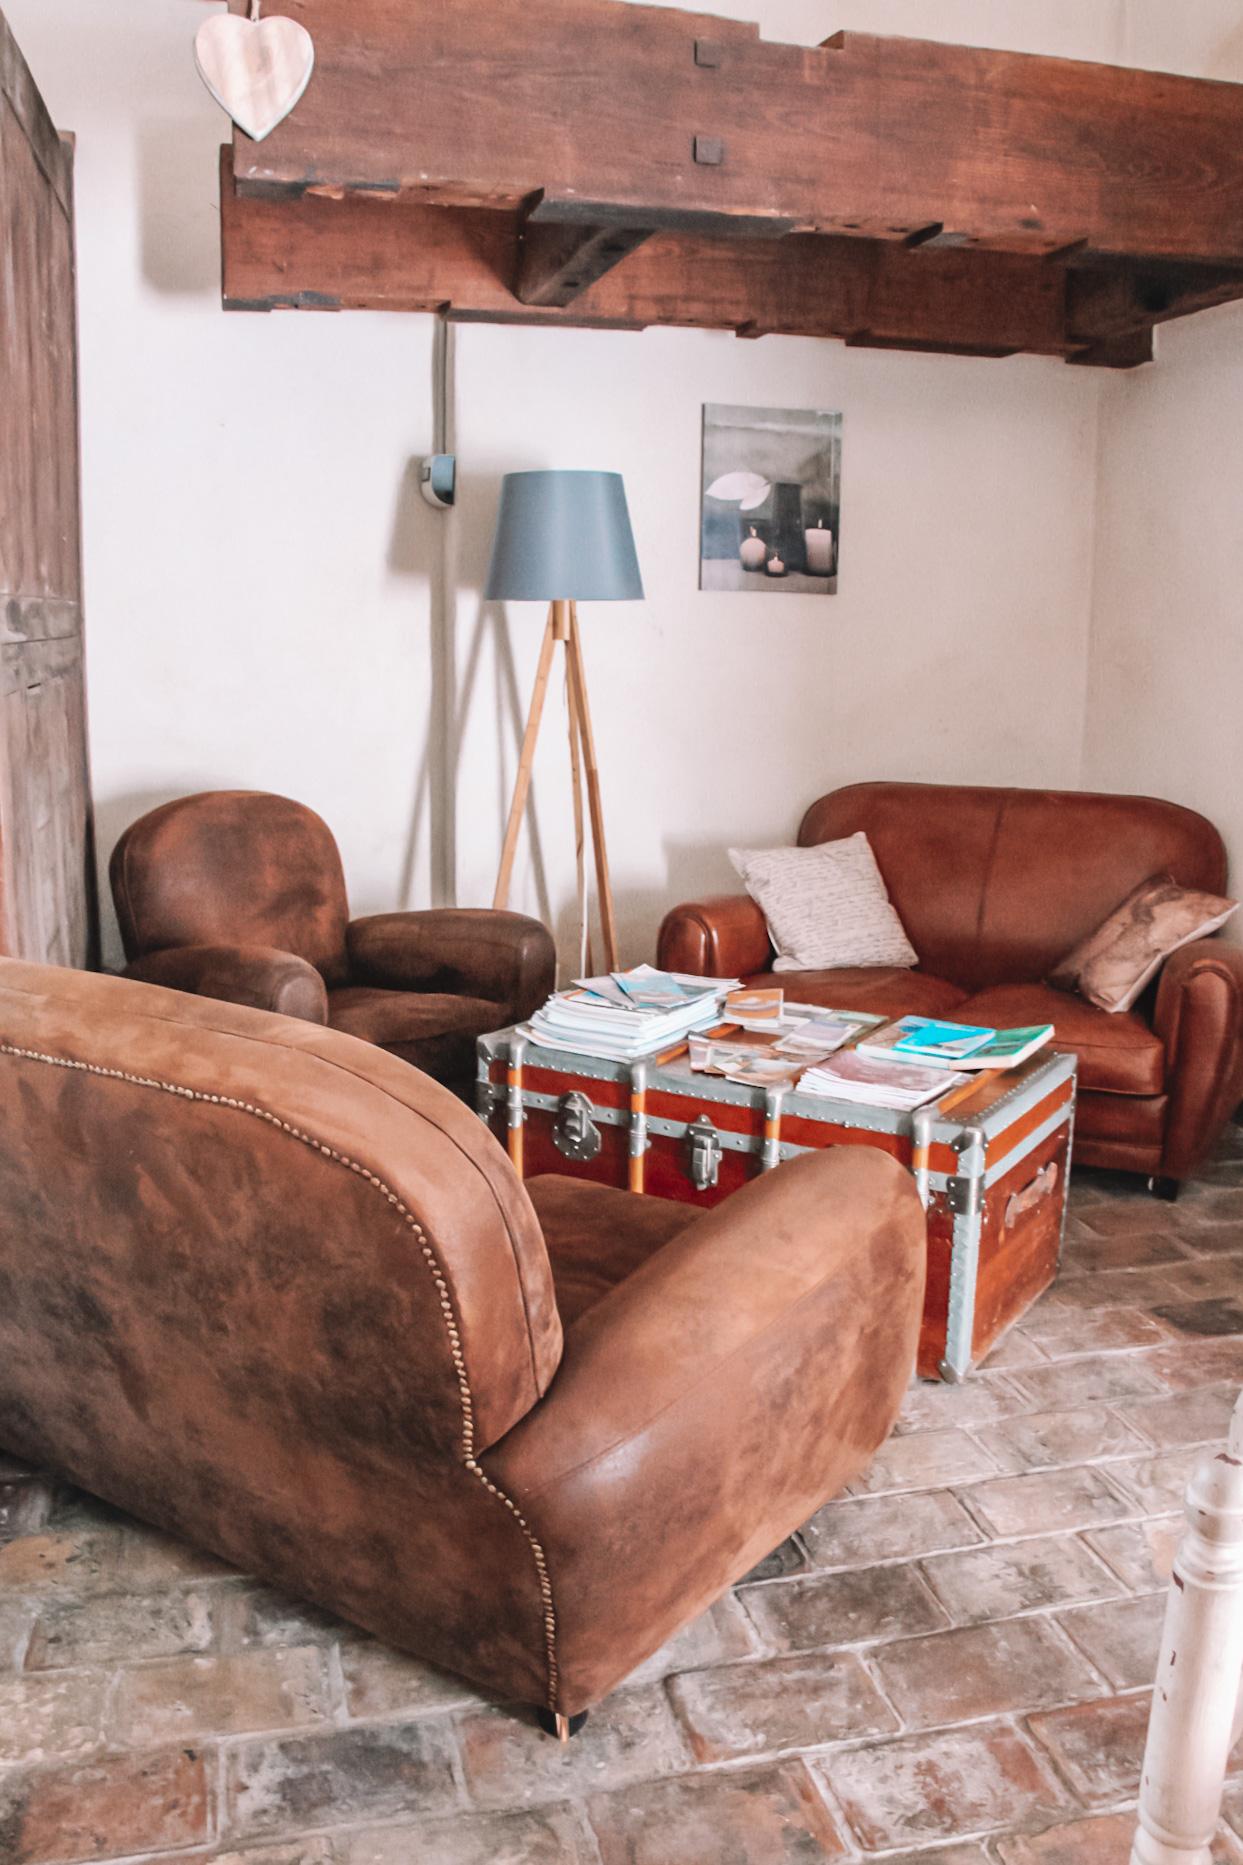 la bastide des songes - chambre hotes - luberon - provence - gordes - roussillon - isle sur sorgue - coin salon